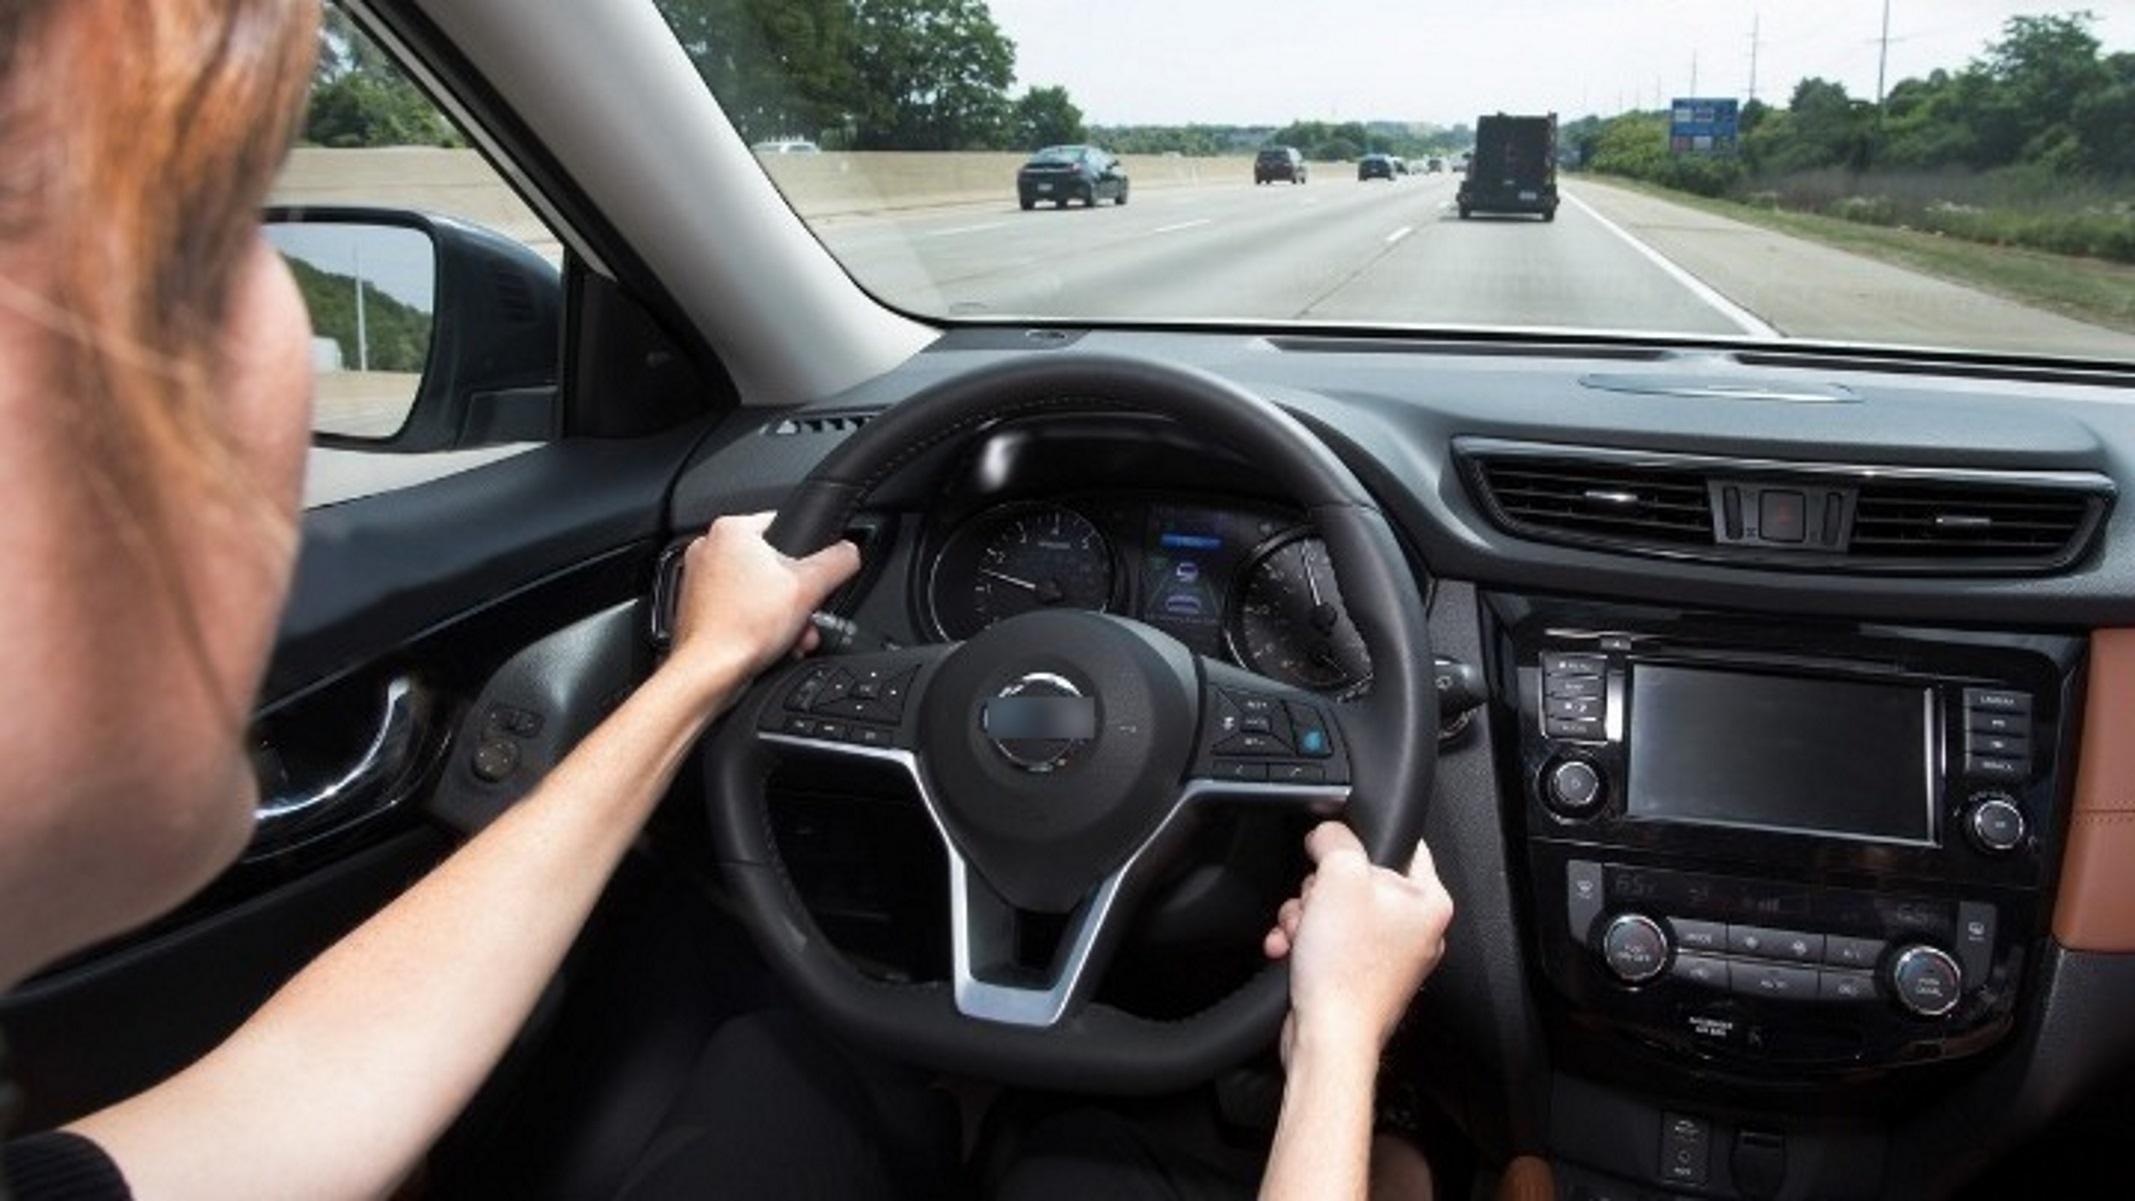 Αυτοκίνητο: Οδήγηση χωρίς πόνους σε αυχένα, πλάτη και πόδια